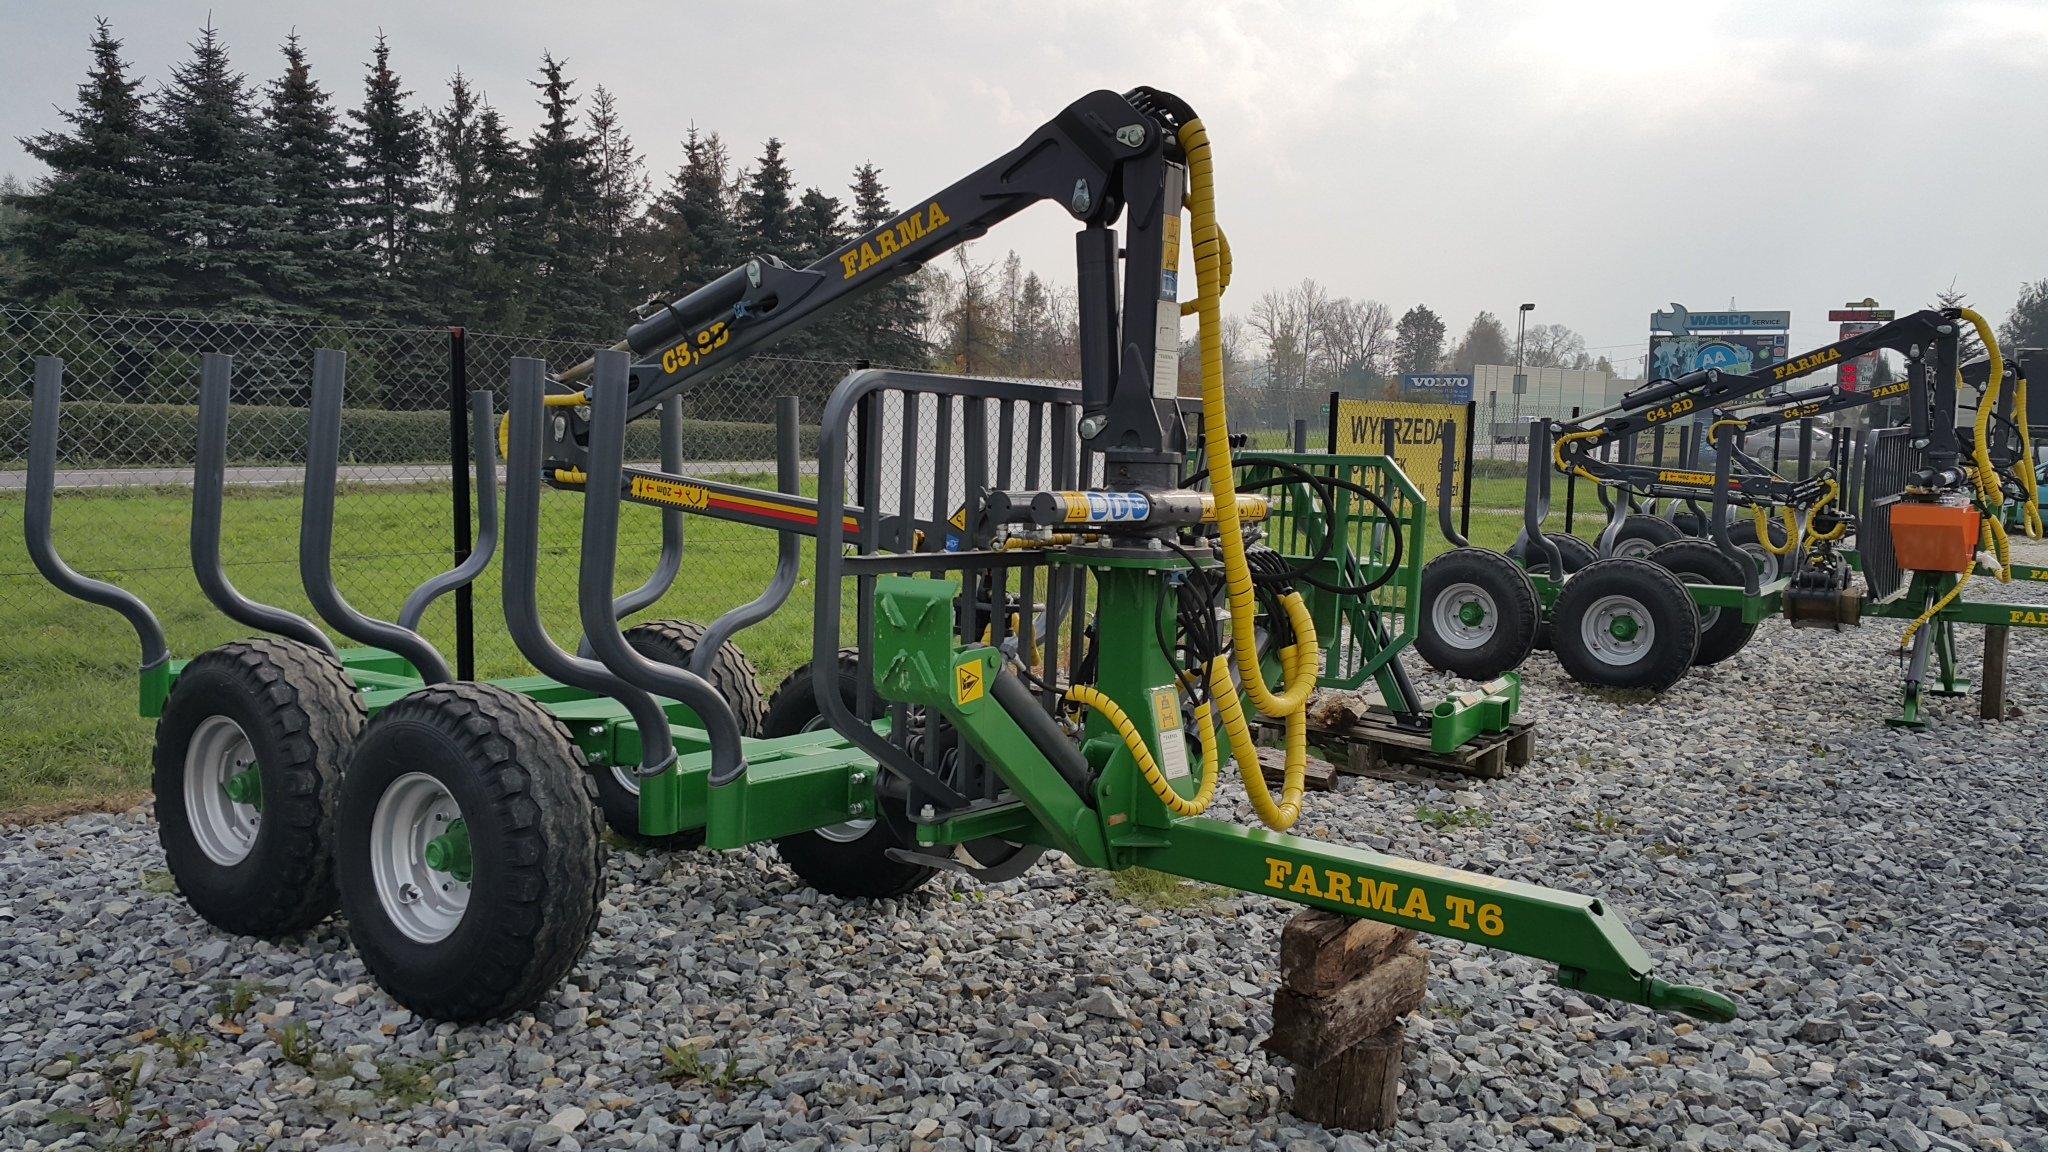 PRZYCZEPA LEŚNA FARMA 6t HDS DŹWIG ŻURAW 3,8m